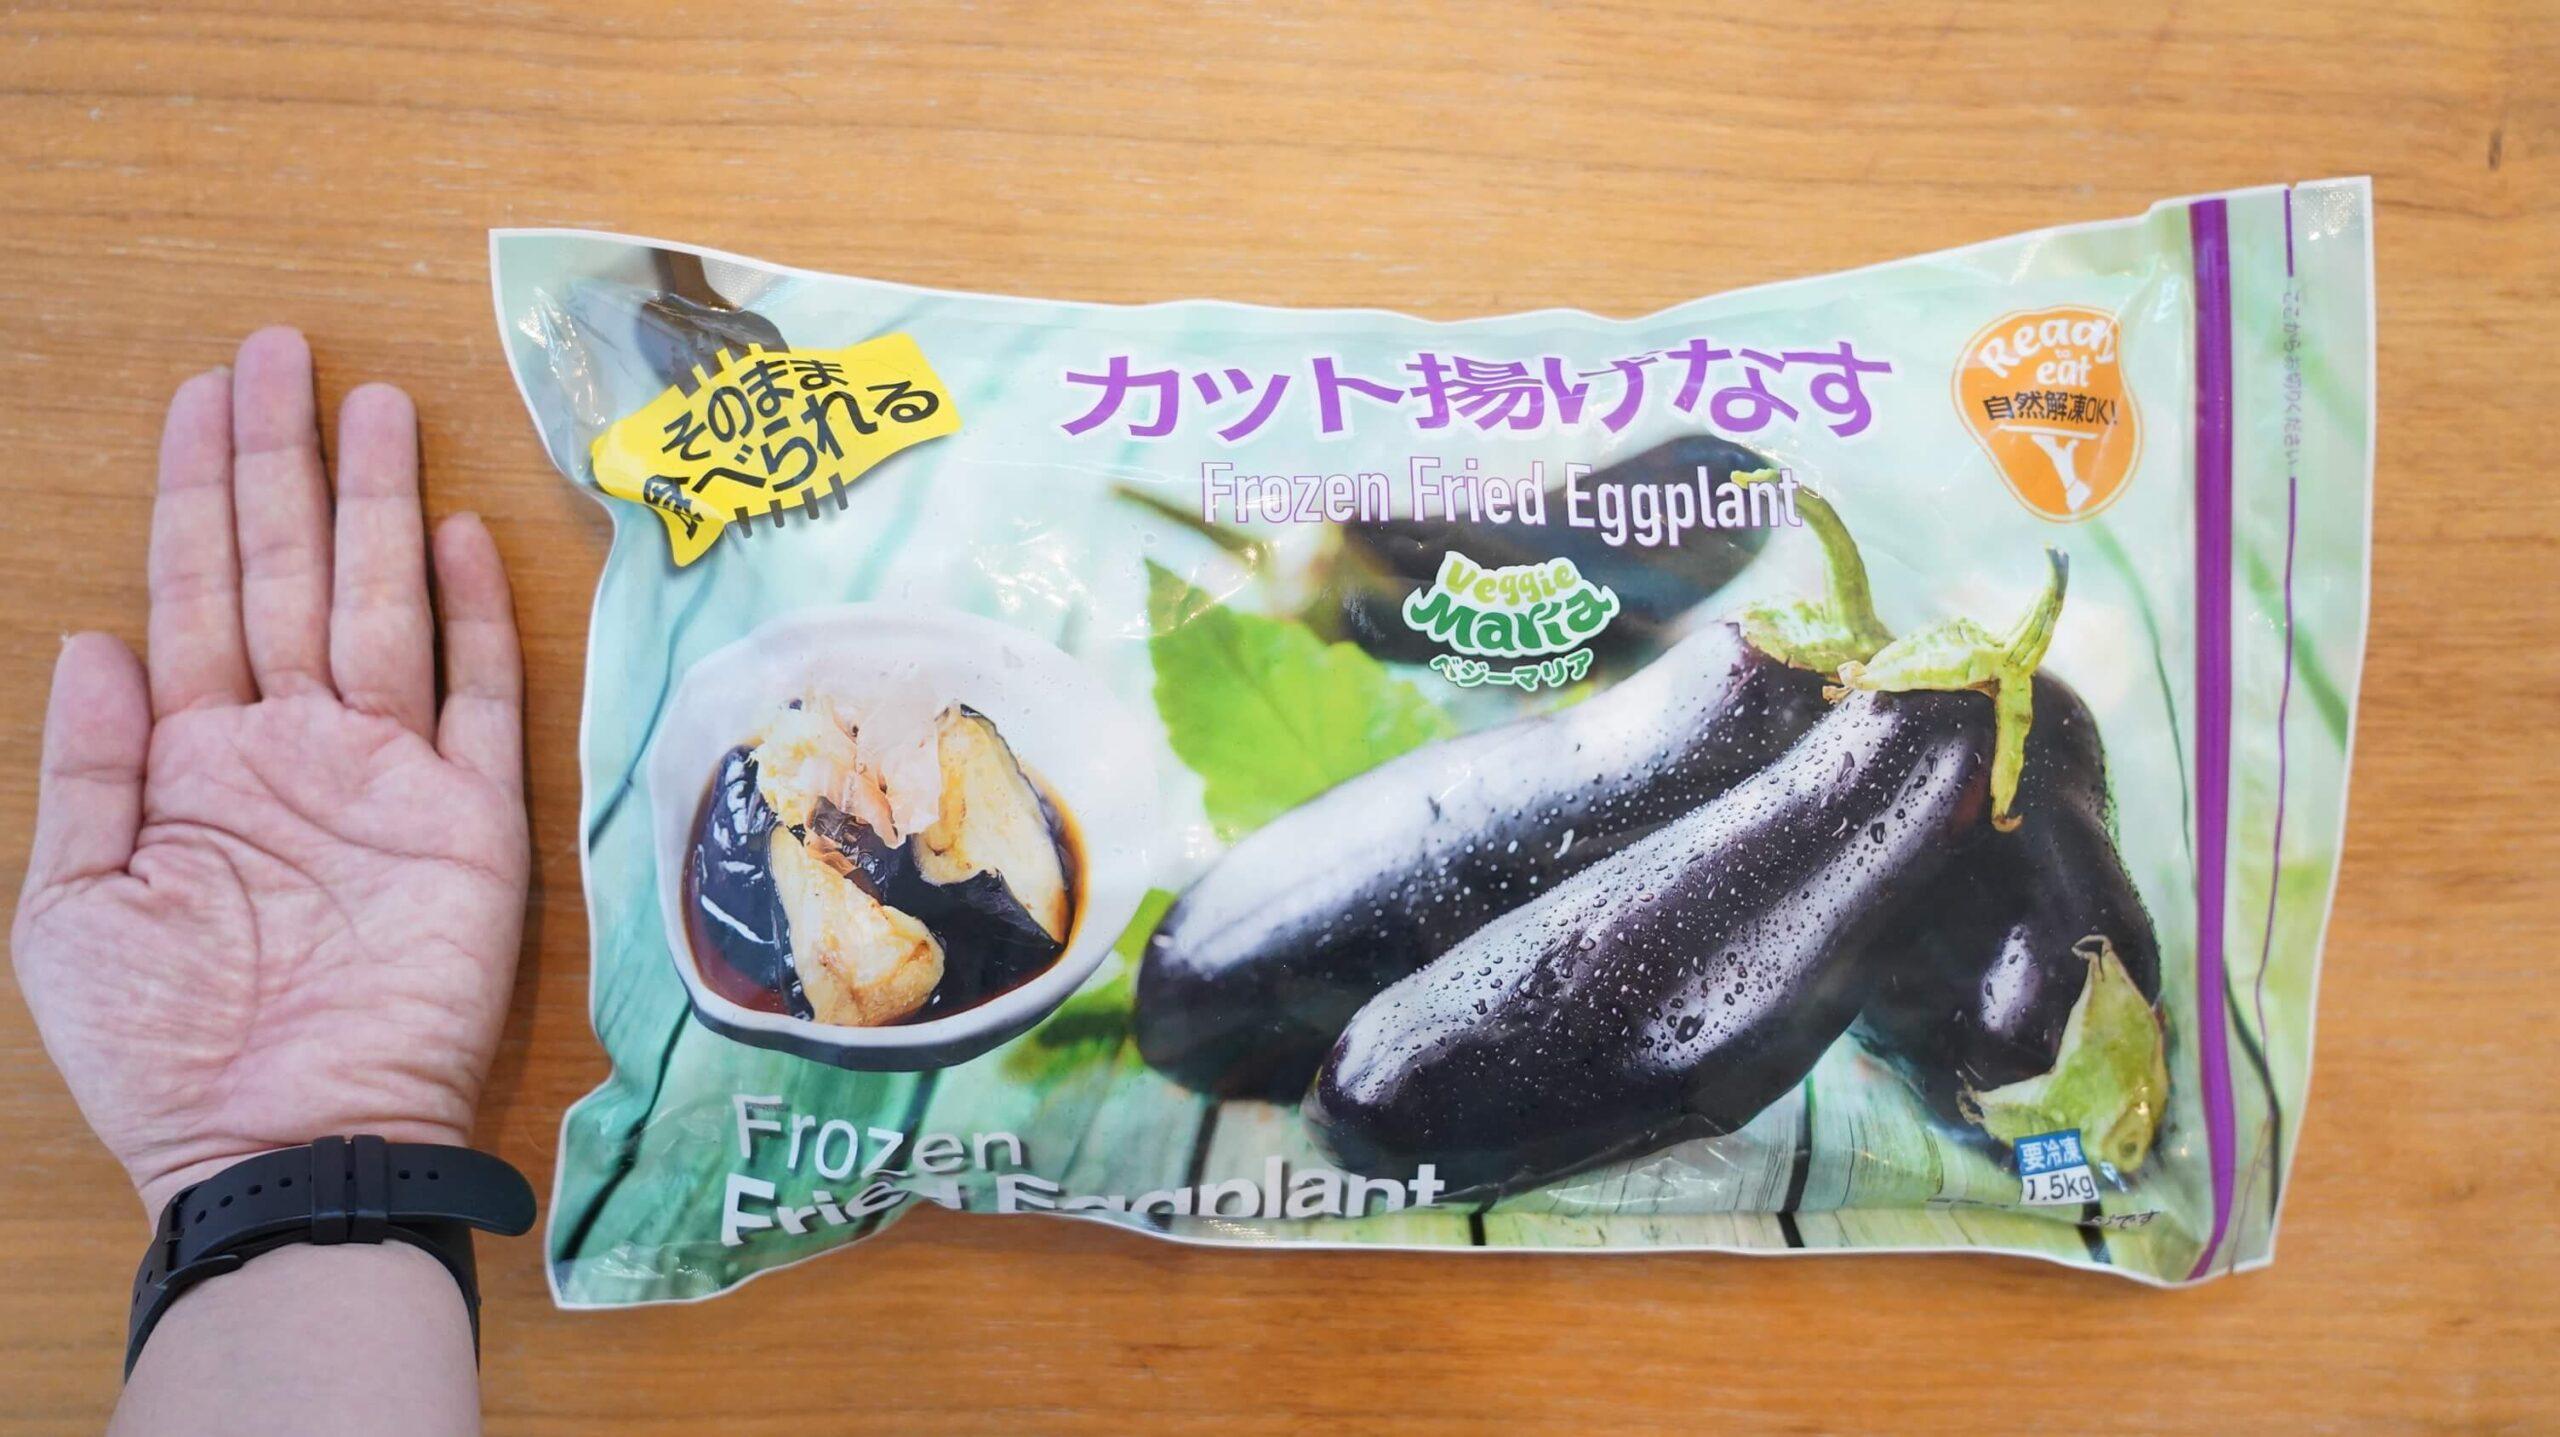 コストコの冷凍食品「カット揚げなす」のパッケージと手の大きさを比較している写真